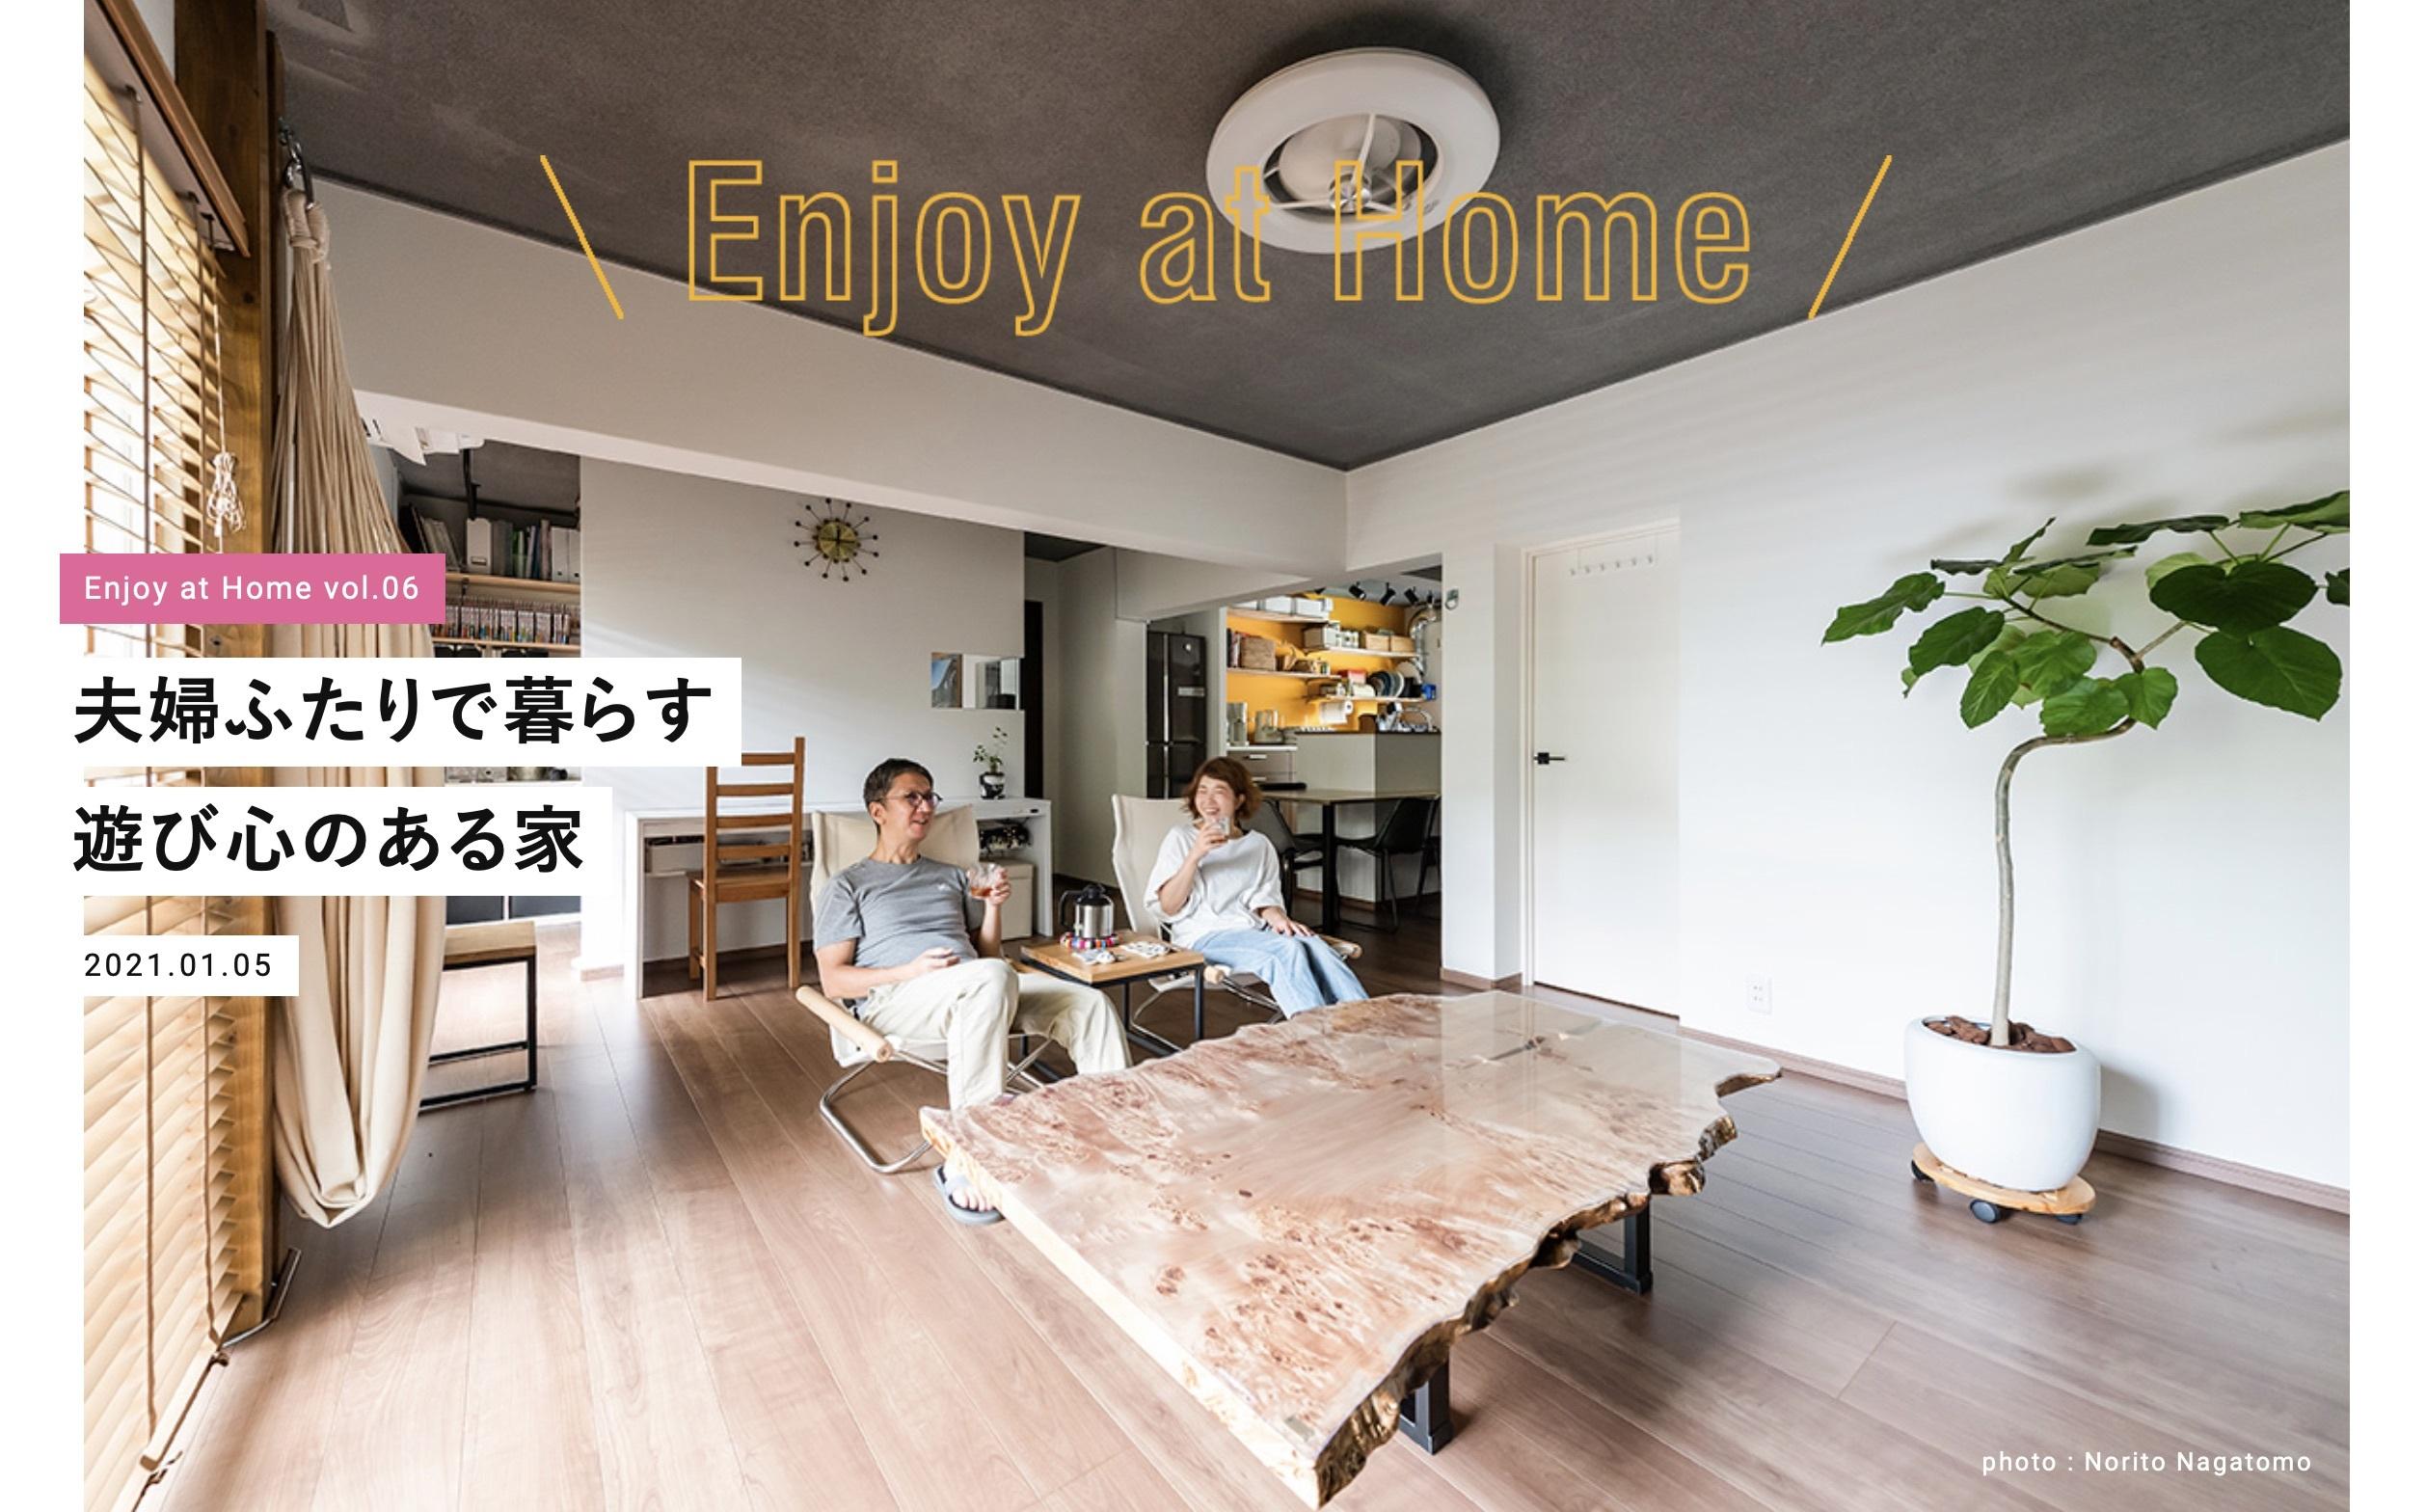 夫婦二人の自然体な暮らし 〜 Enjoy at Home #6 〜